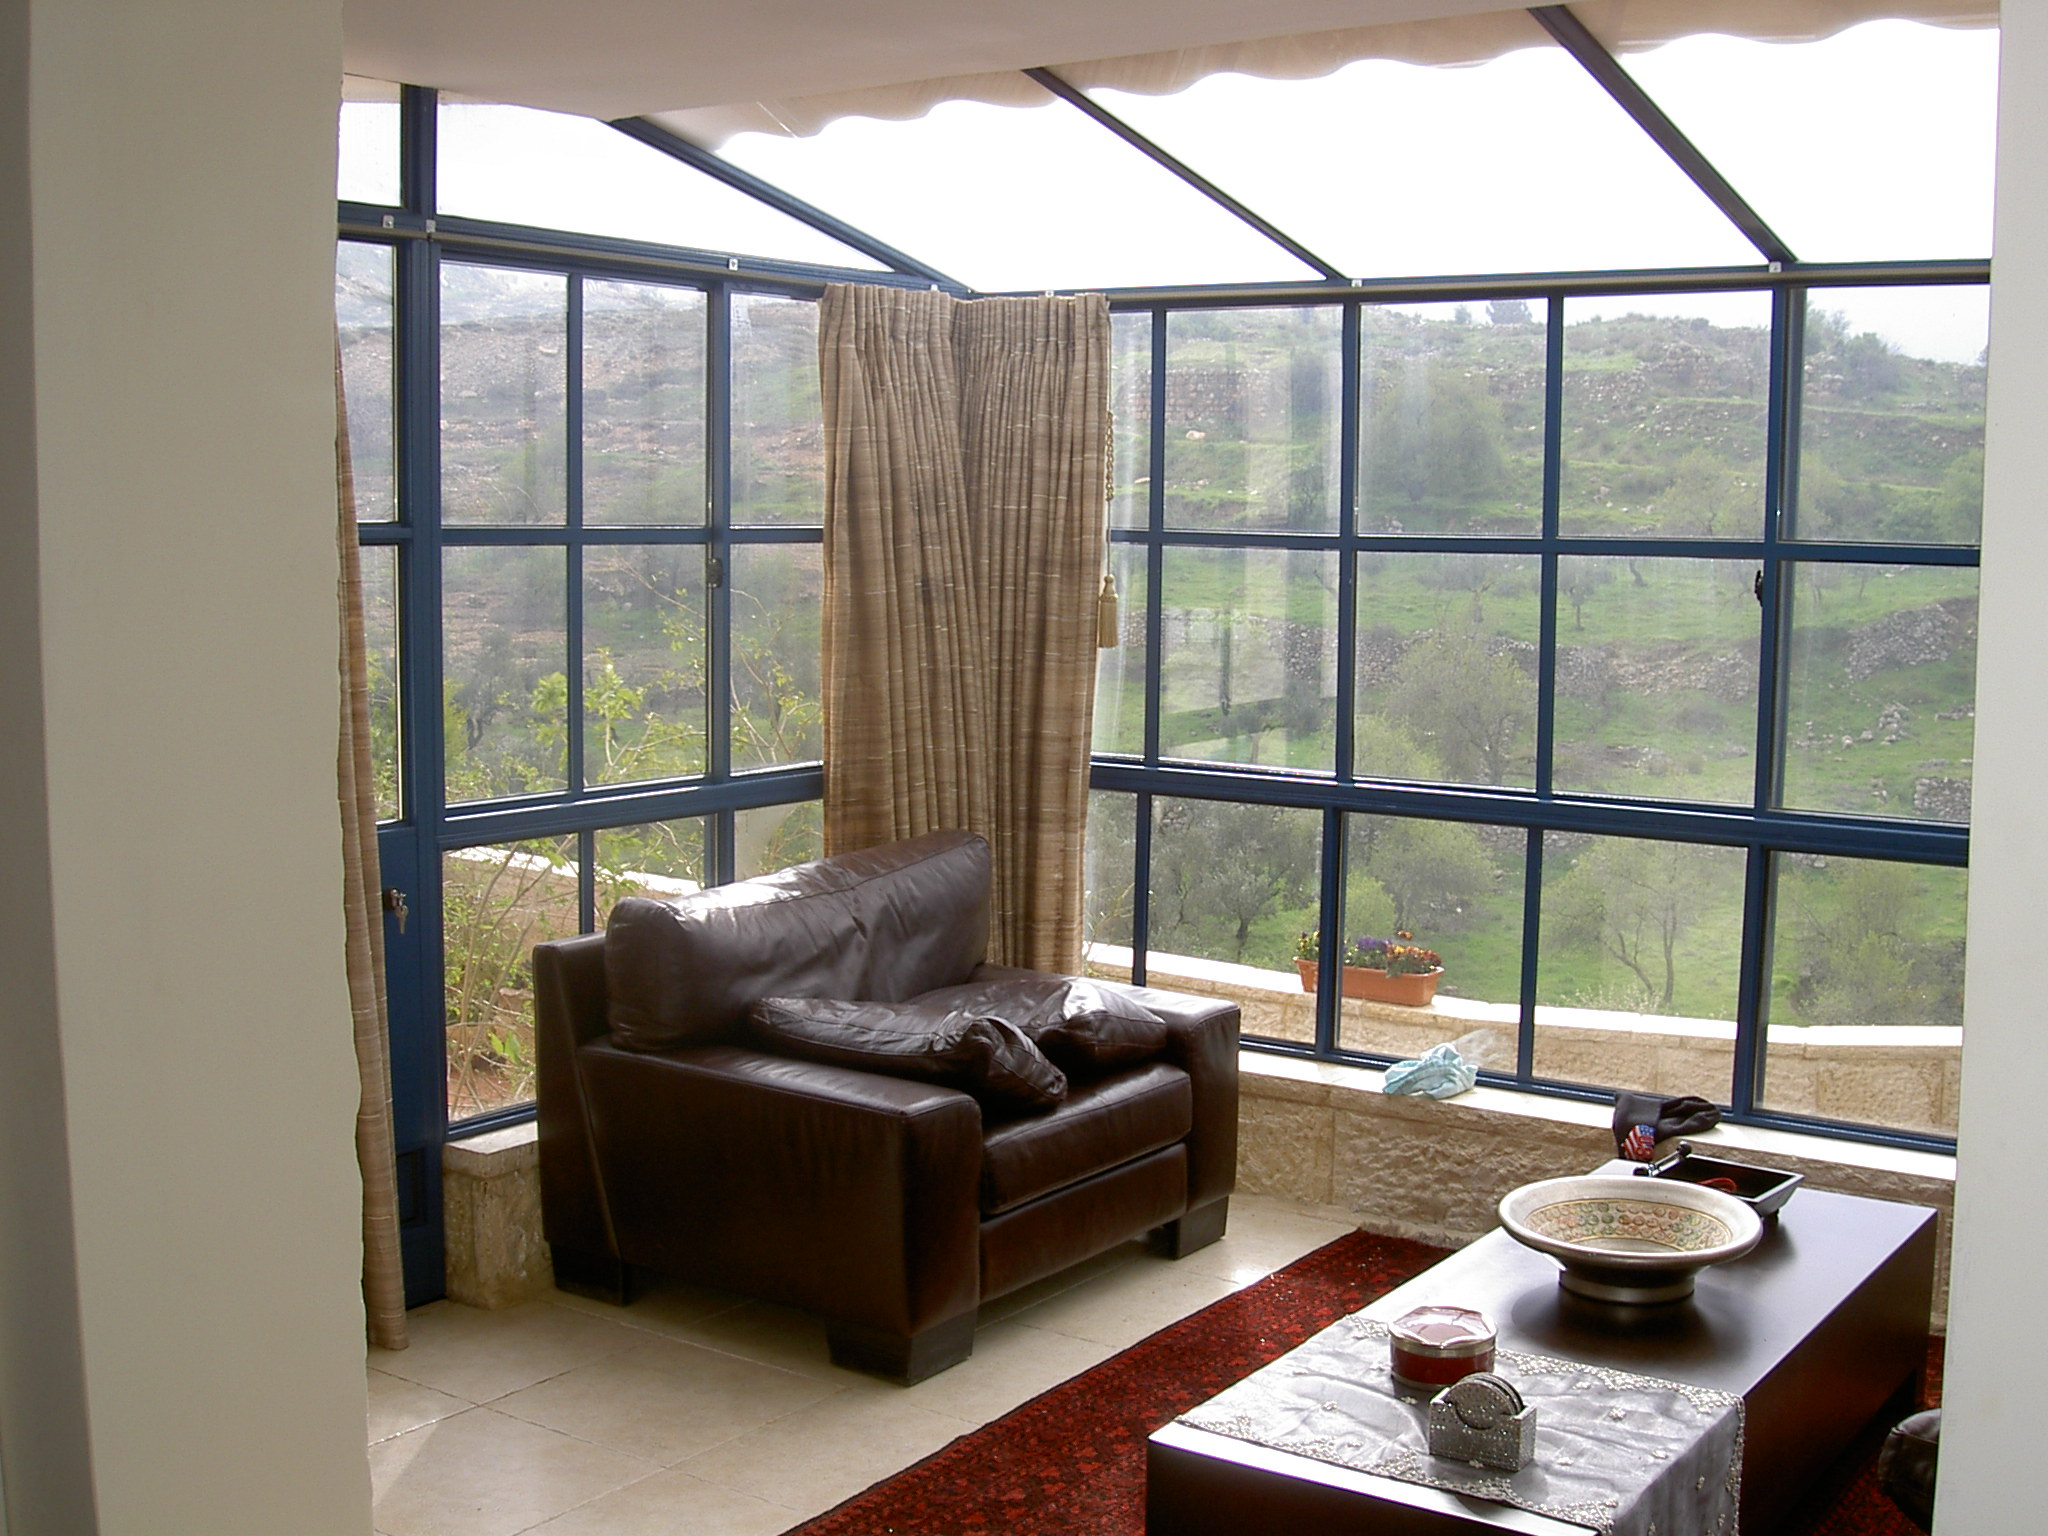 גג קבוע מזכוכית חלבית בשילוב חלונות בלגיים